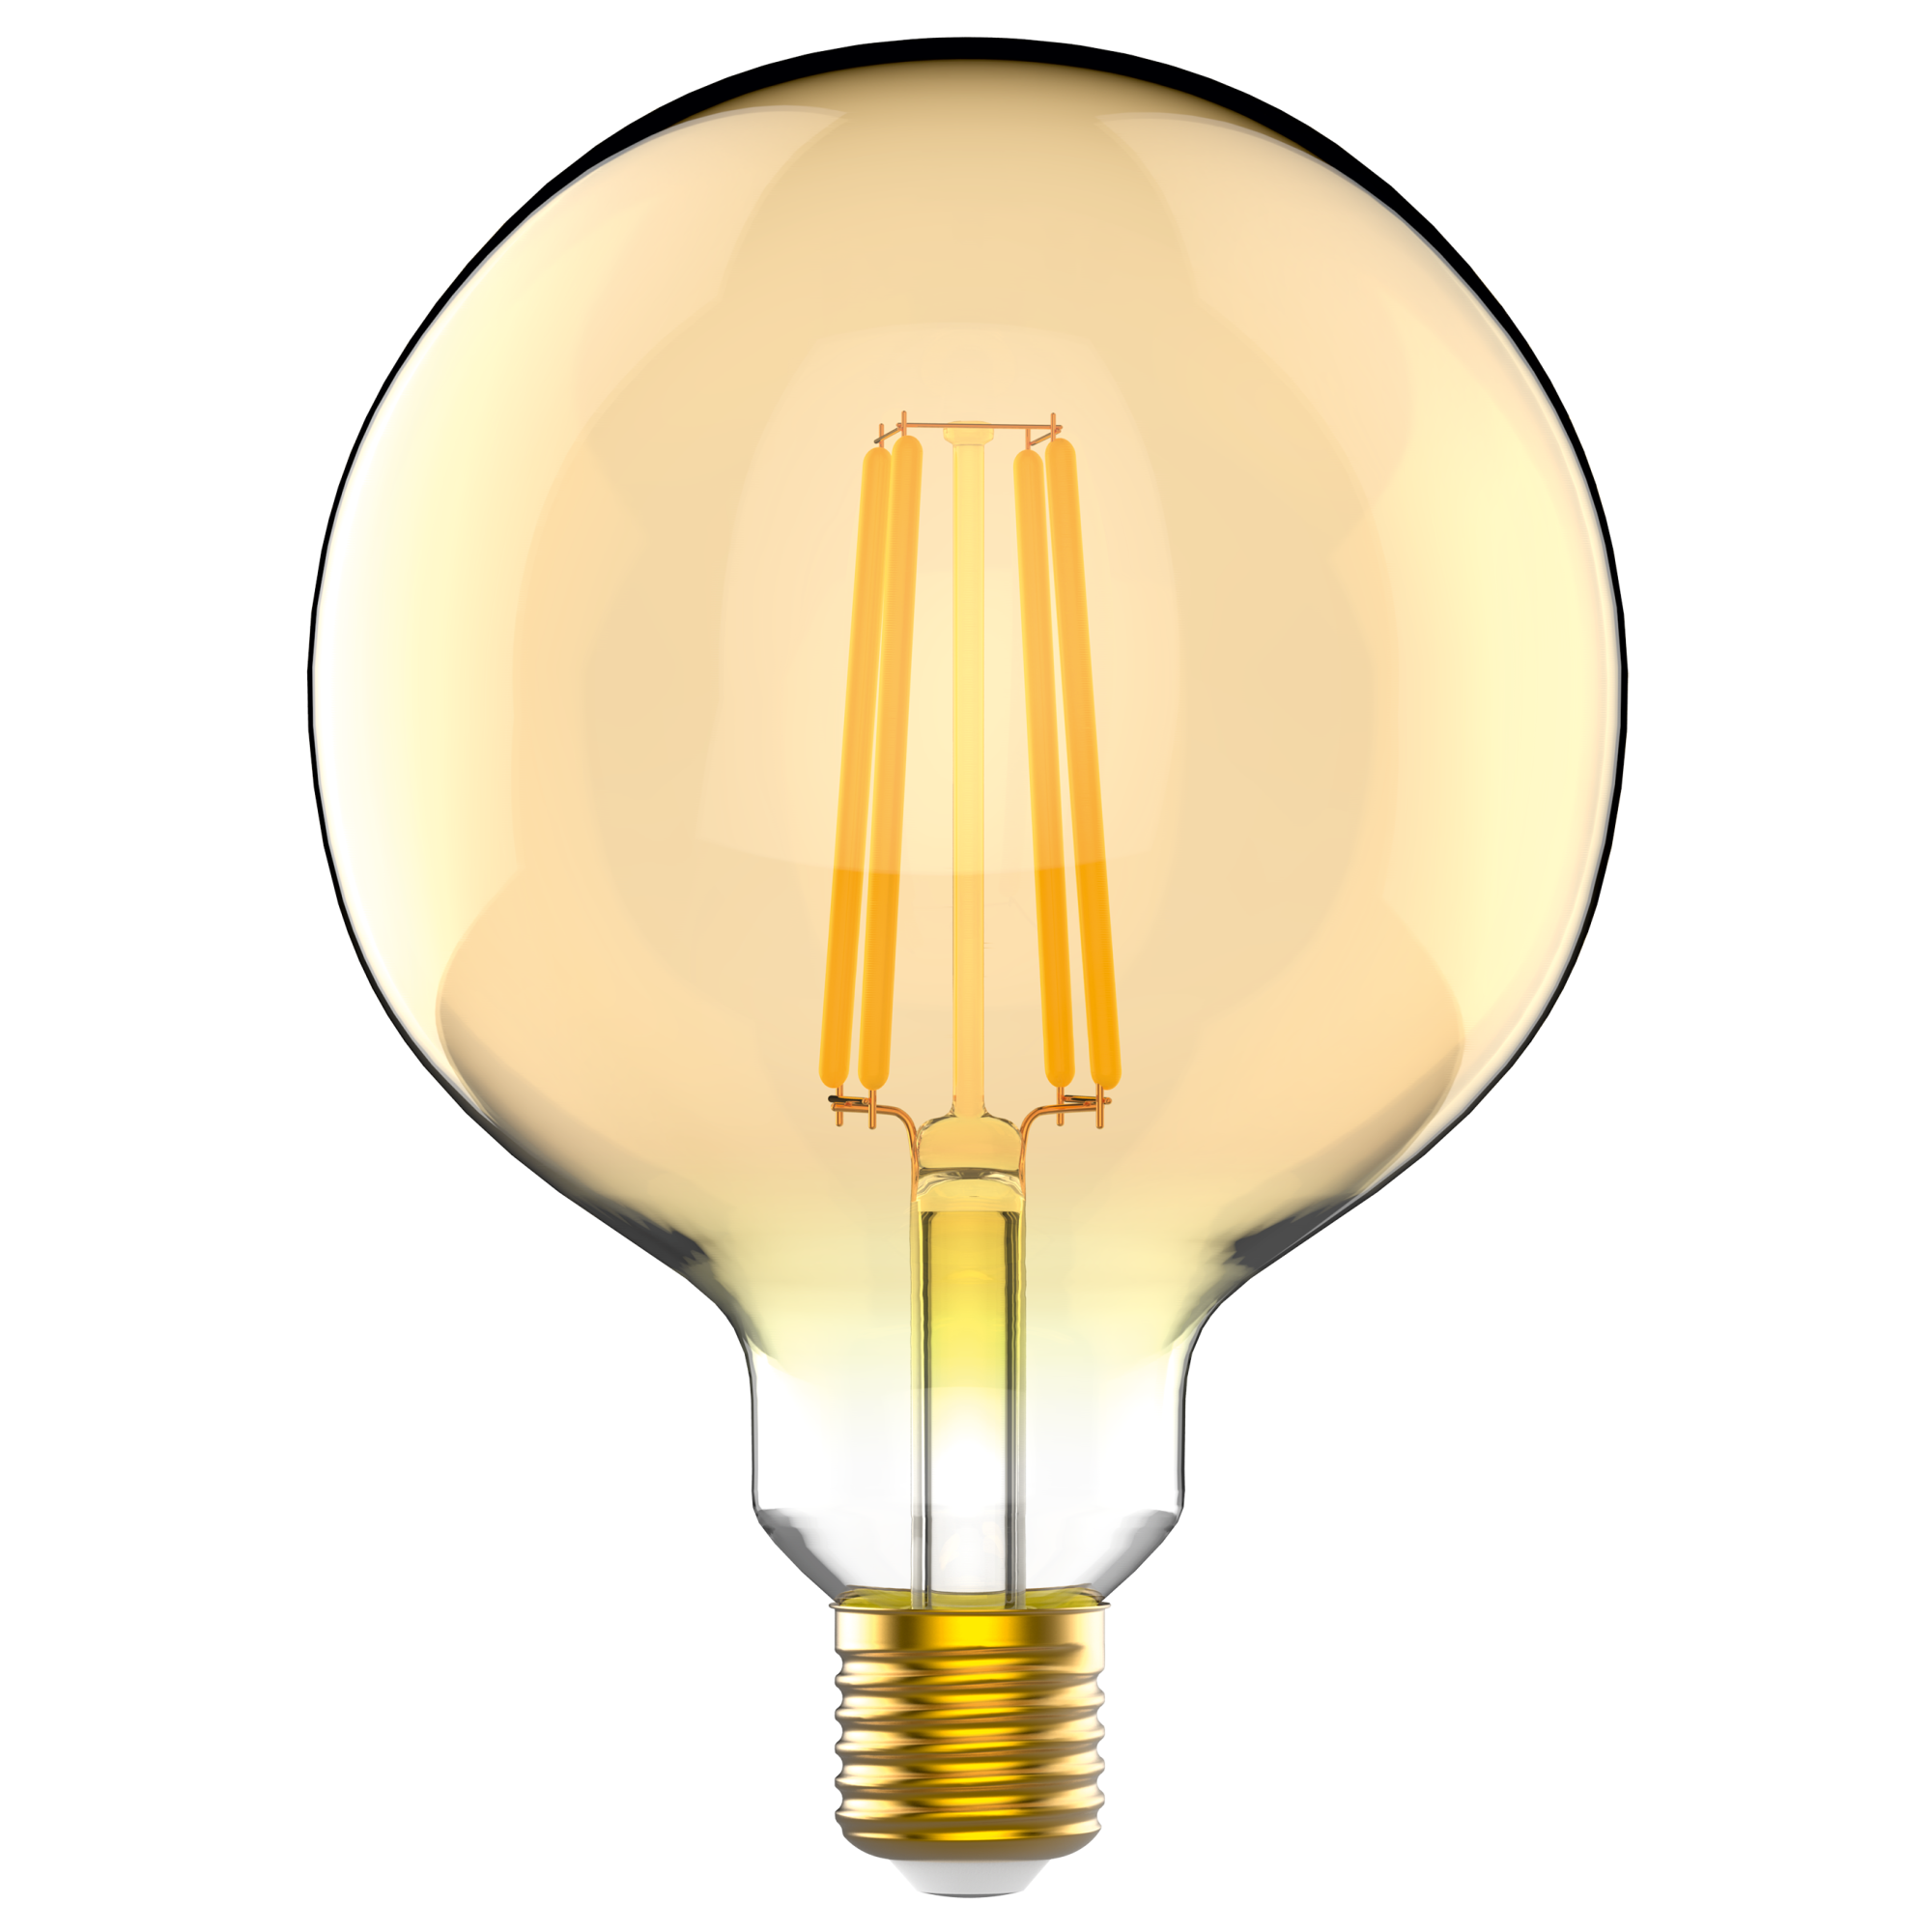 Лампа светодиодная Gauss E27 220 В 5.5 Вт шар янтарный 300 лм желтый свет